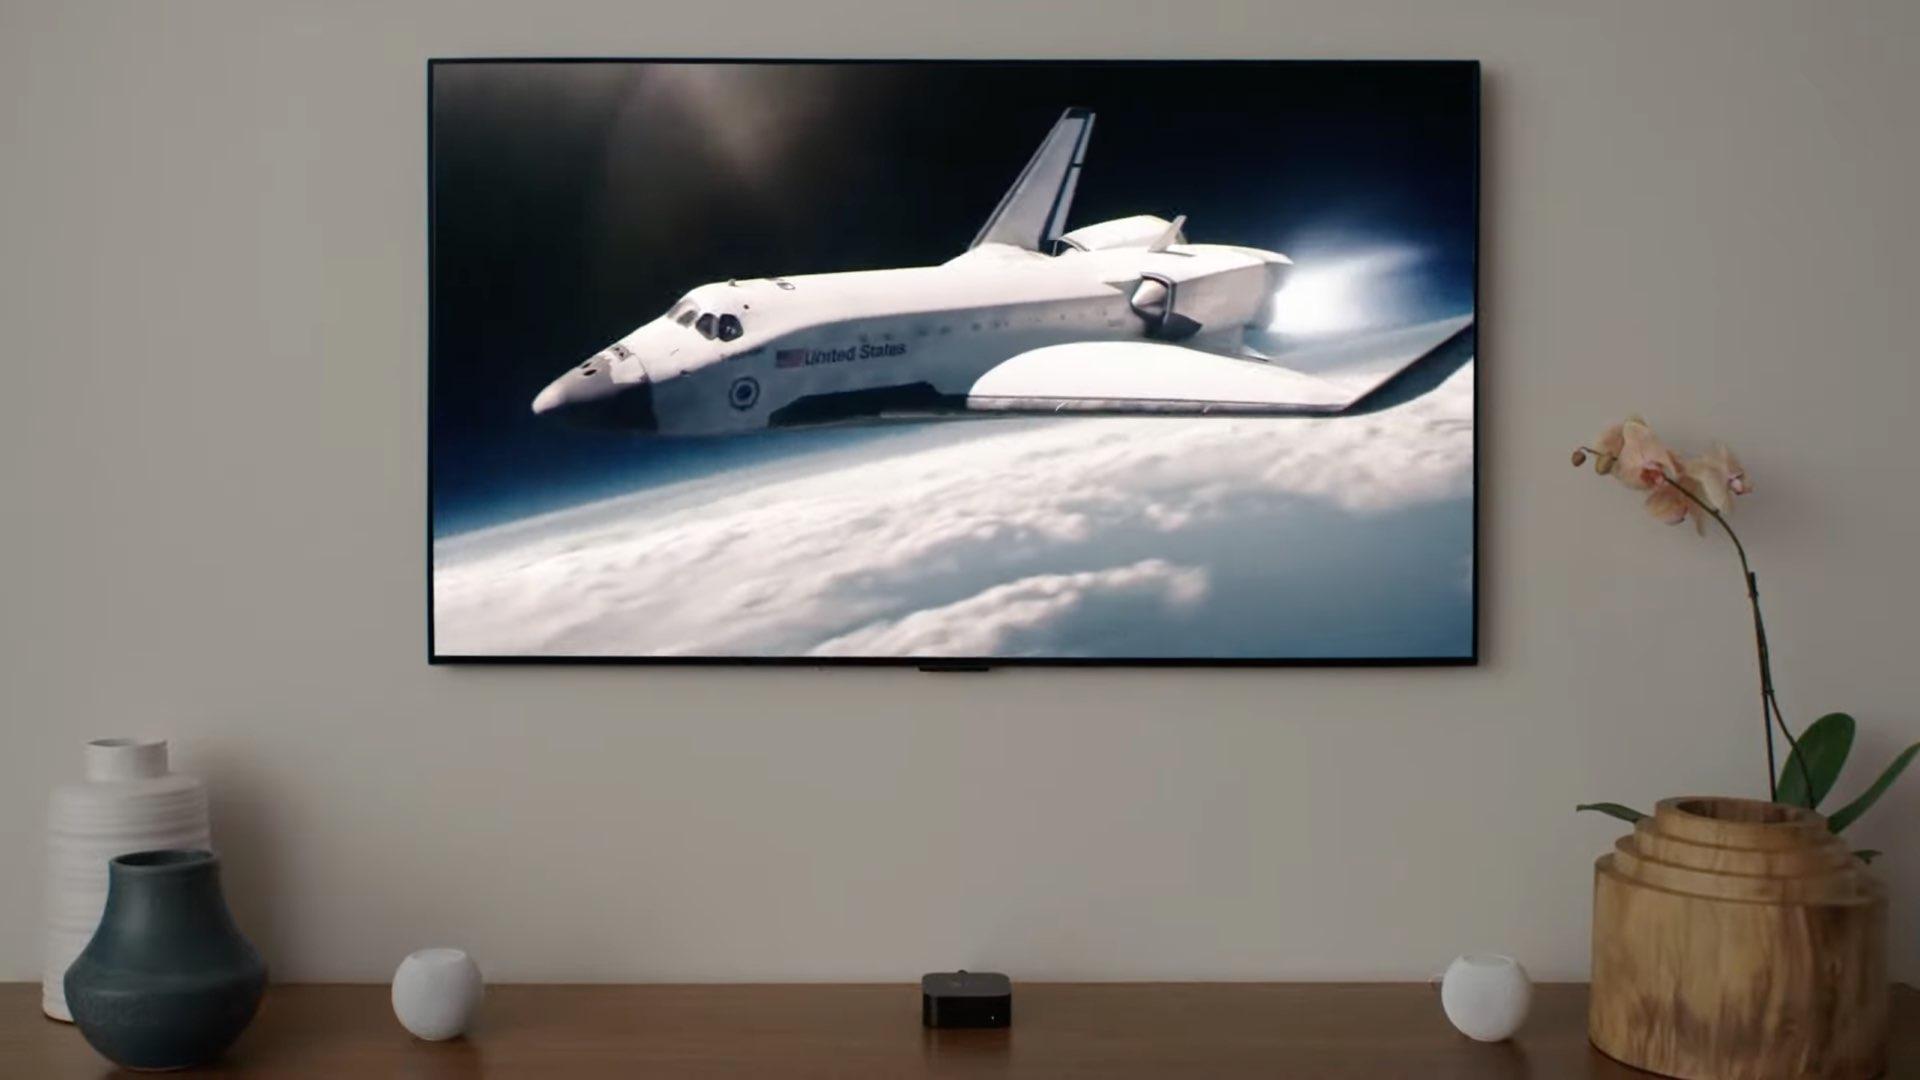 На изображении показаны Apple TV 4K и две мини-колонки HomePod в аудиосистеме домашнего кинотеатра.